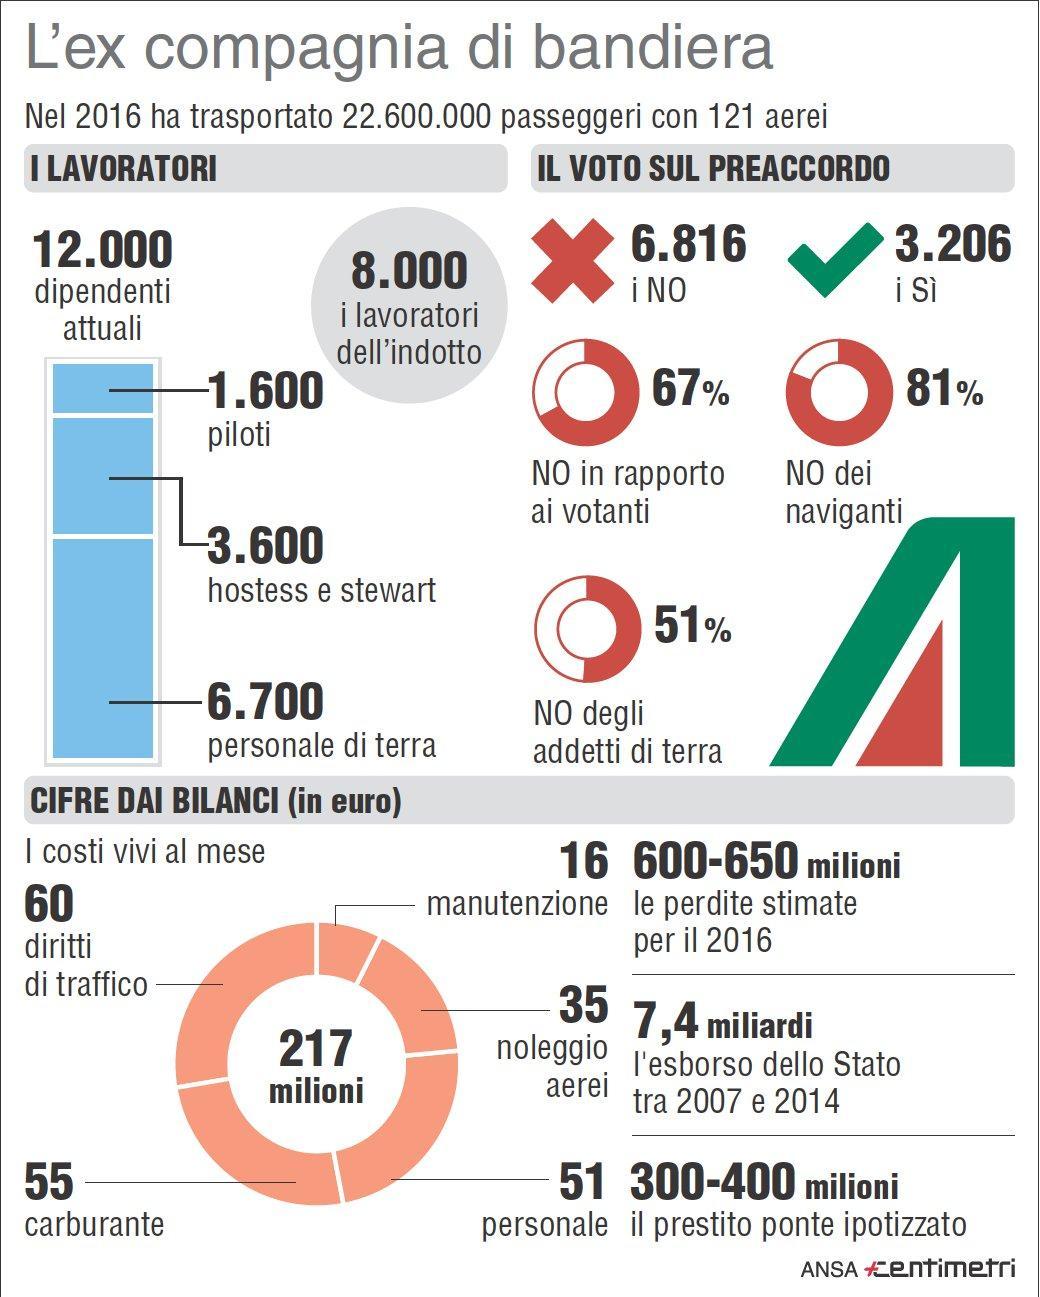 Alitalia, i numeri della compagnia nel 2016